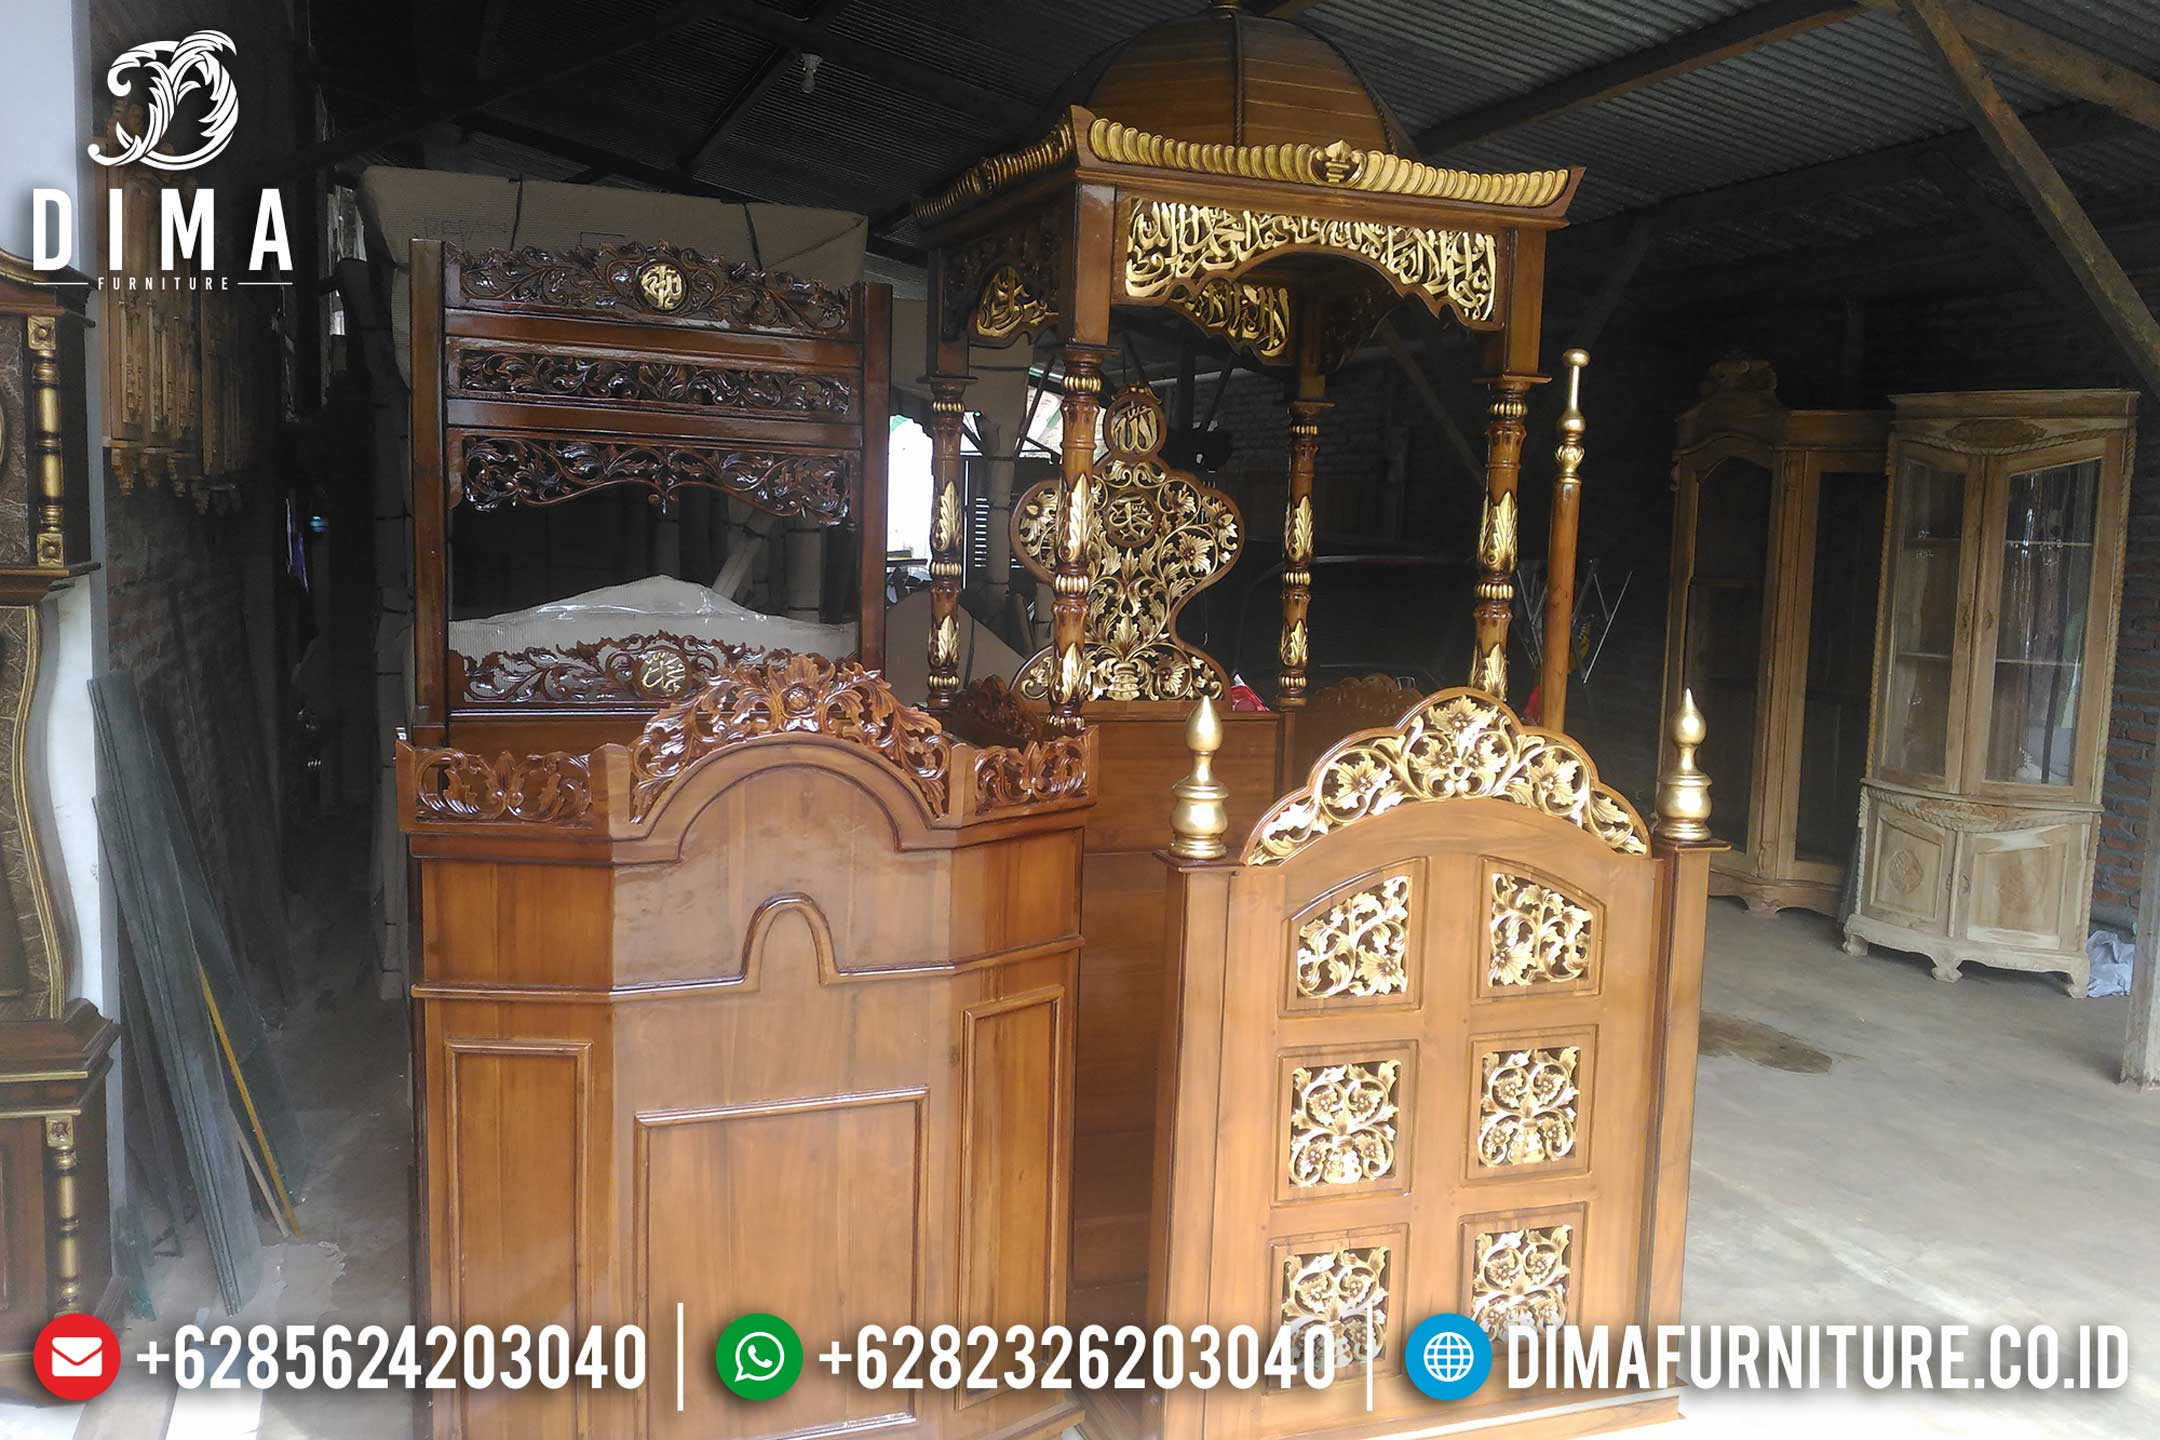 Mimbar Masjid Jati Ukiran Jepara Model Terbaru Harga Murah MM-0137